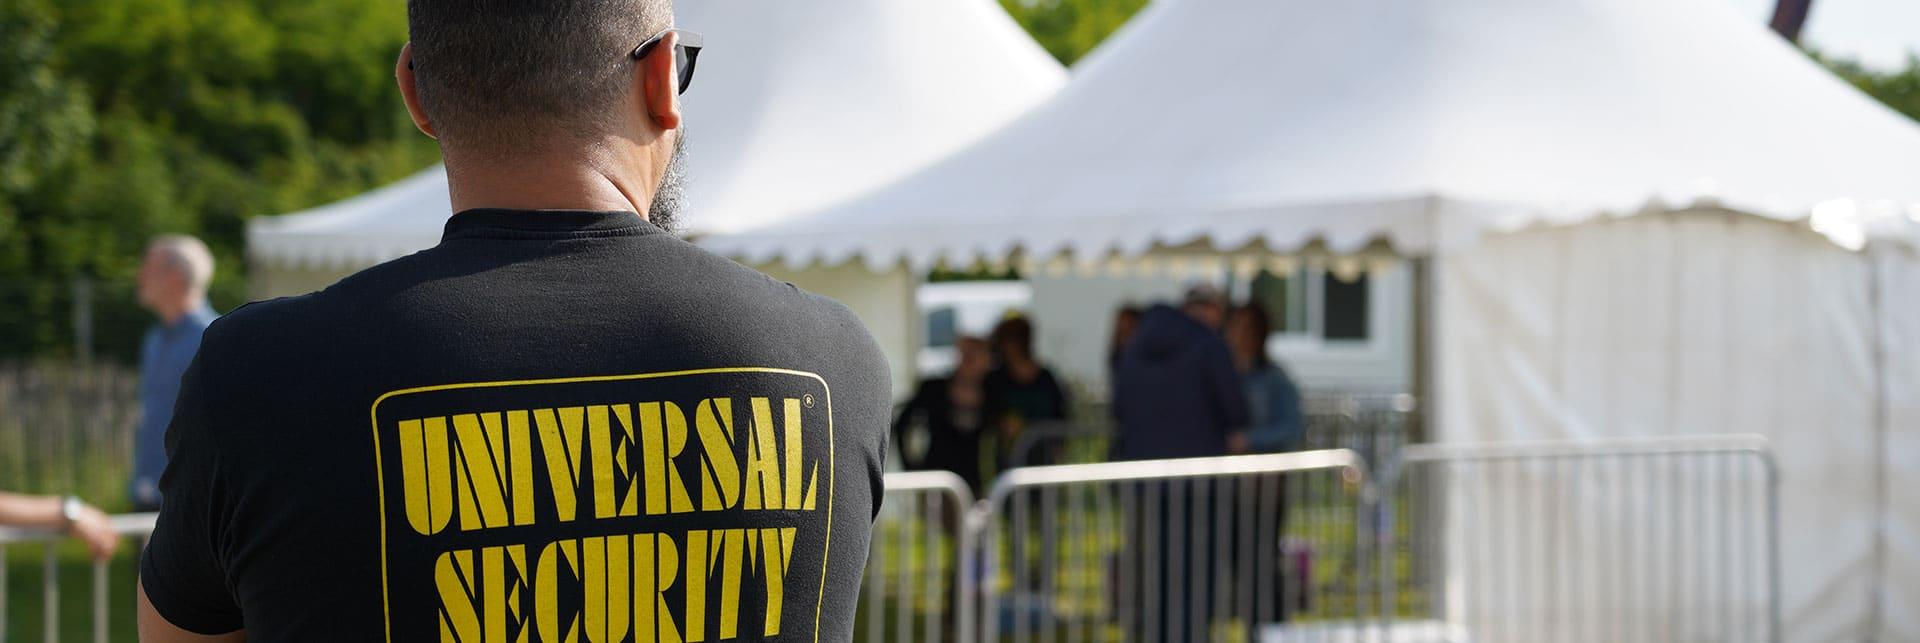 universal-security-surveillance-evenement-festival rouen